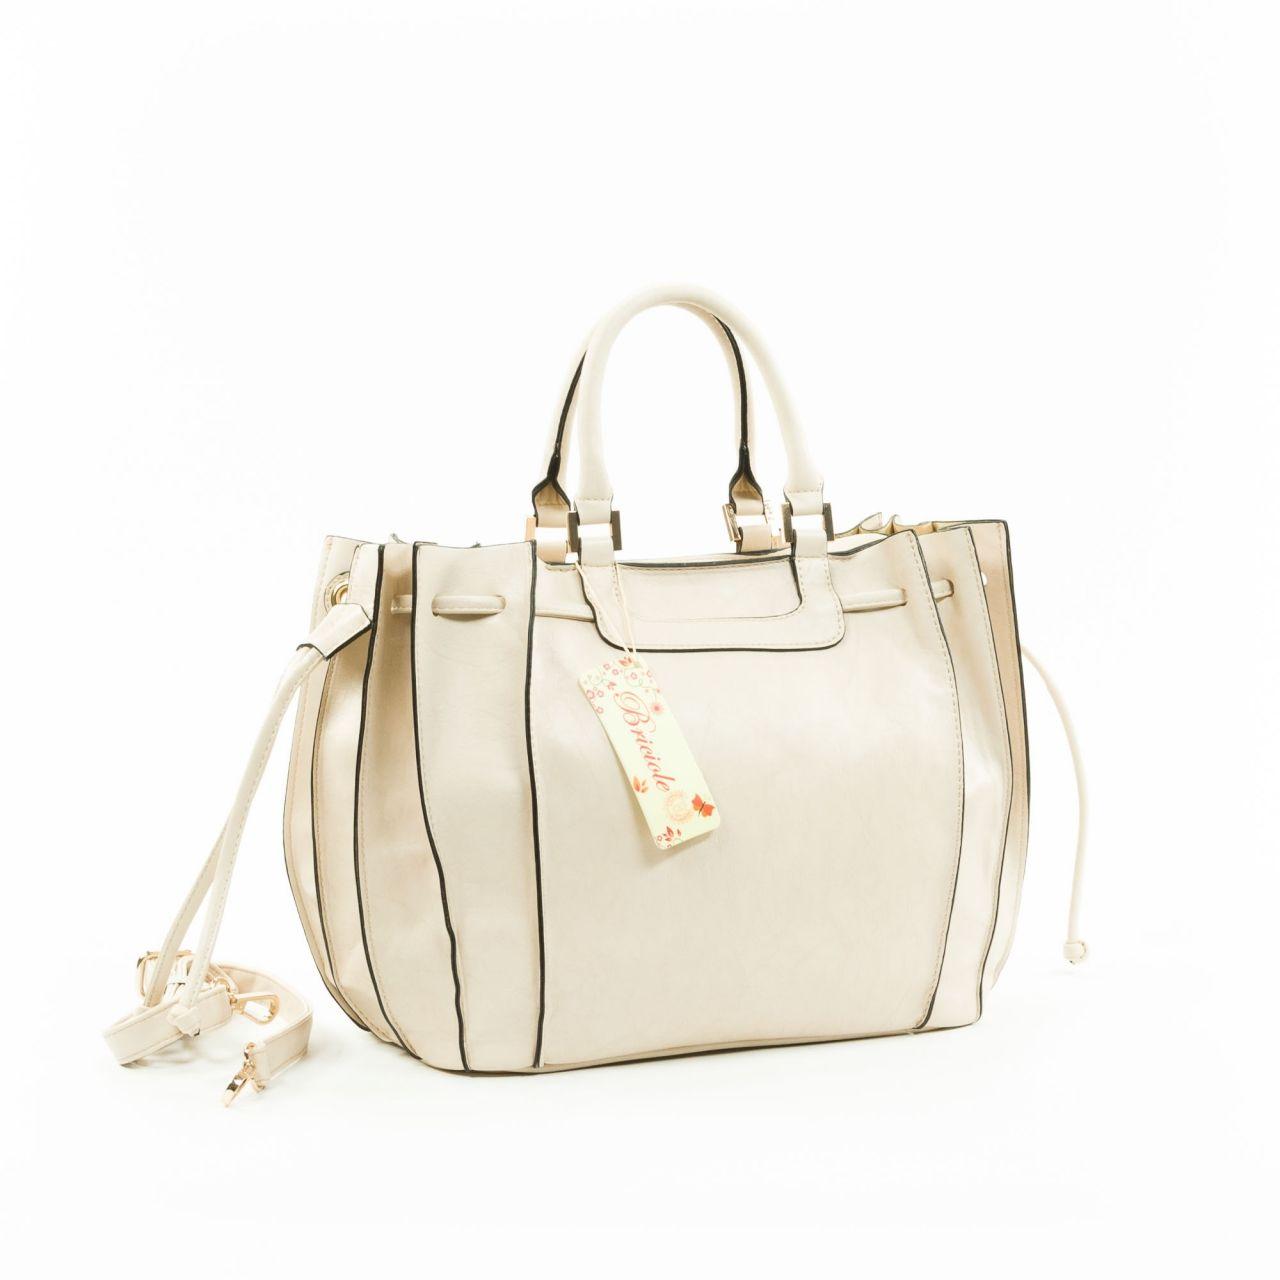 Briciole beige Bag in bag  004ae7f788008